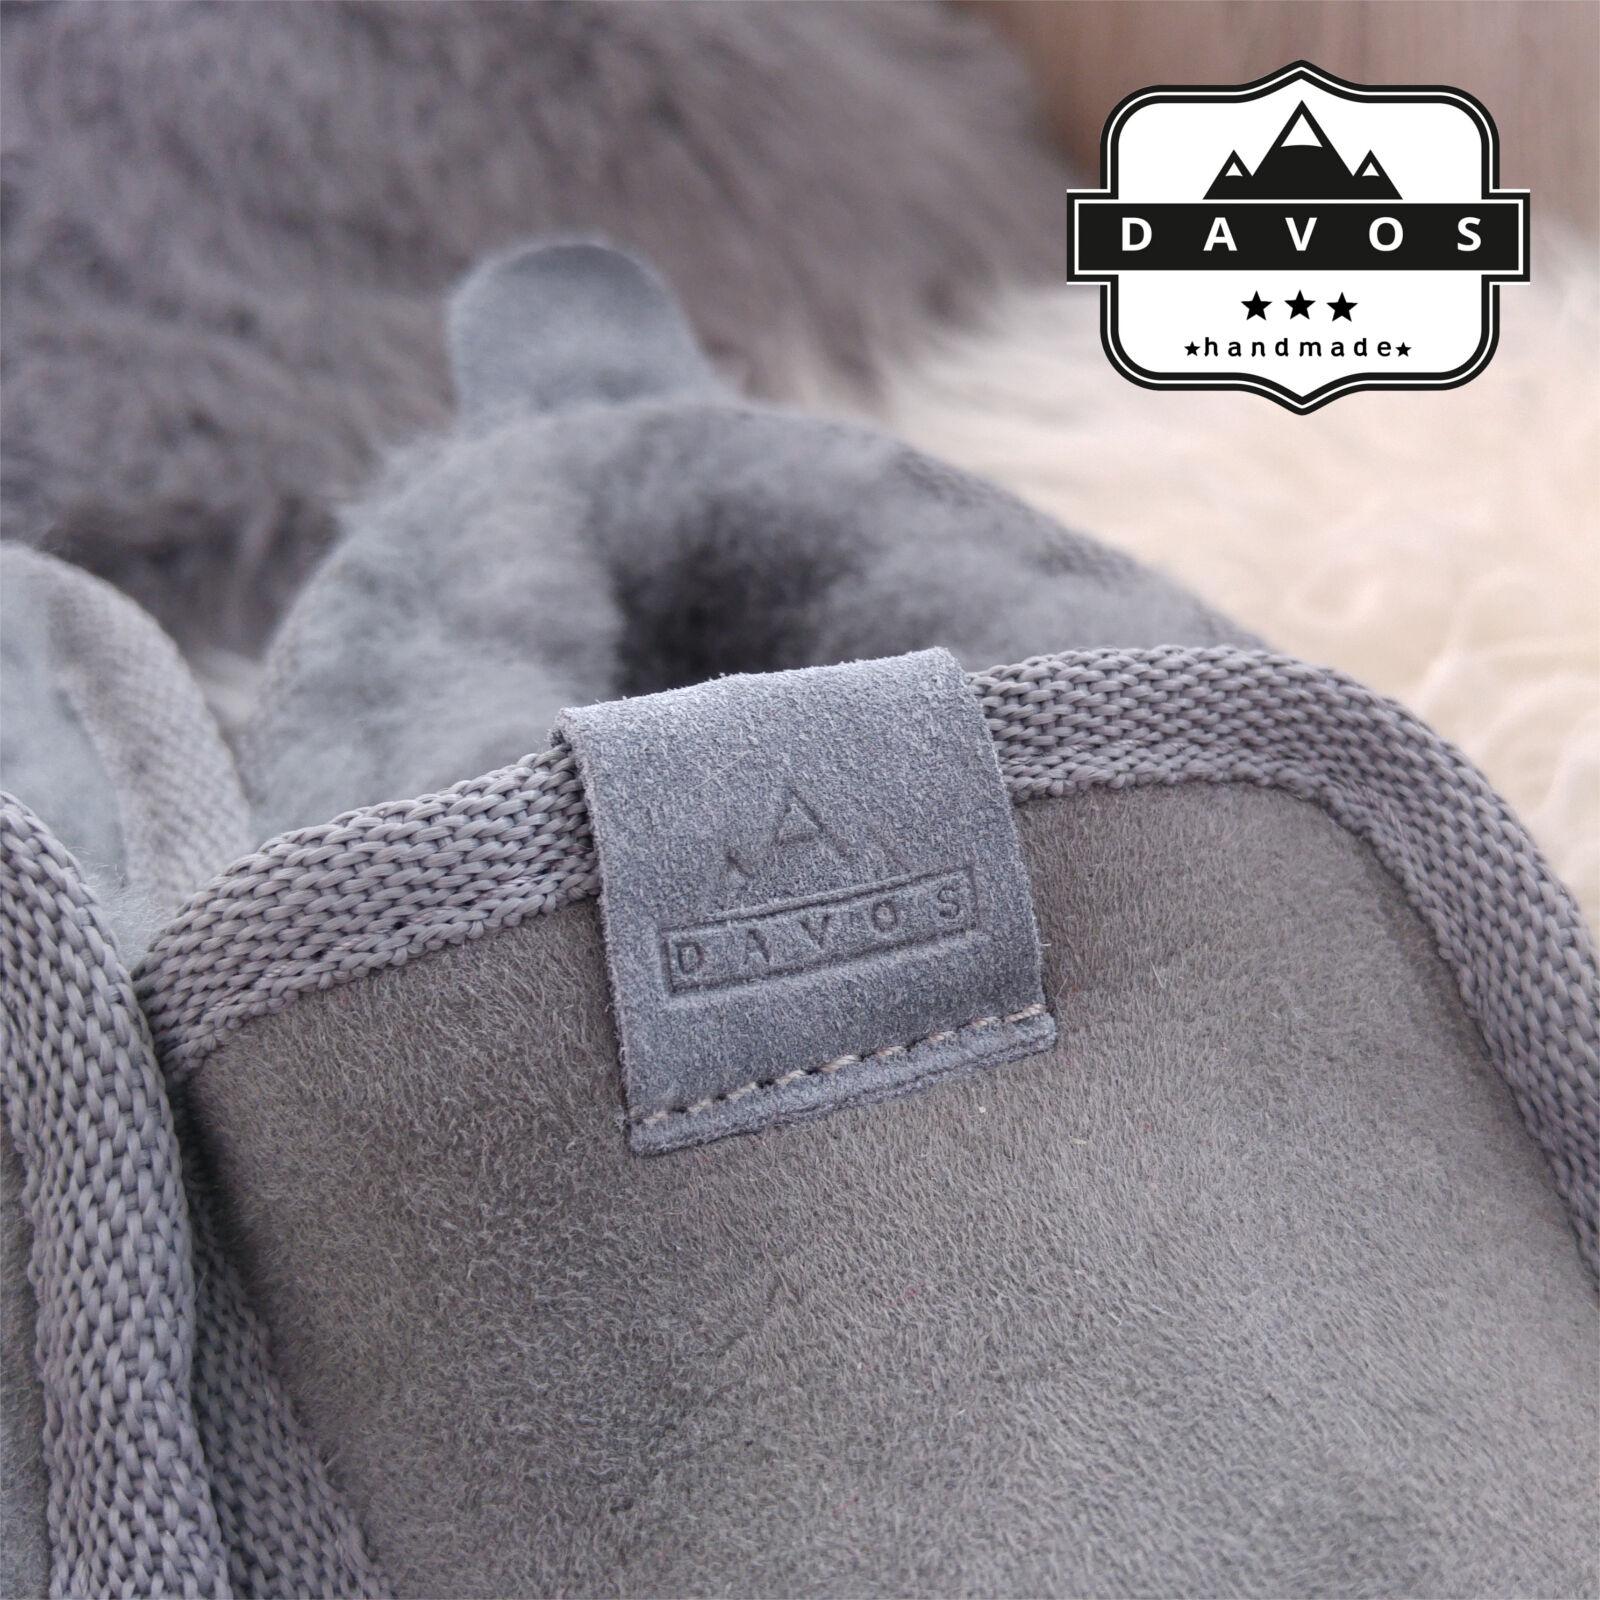 NUOVI NUOVI NUOVI Pantaloncini Uomo Deluxe Grigio 100% Autentico Pelle Di Pecora Pelle sintetica scamosciata pantofole suola rigida EVA 28e937